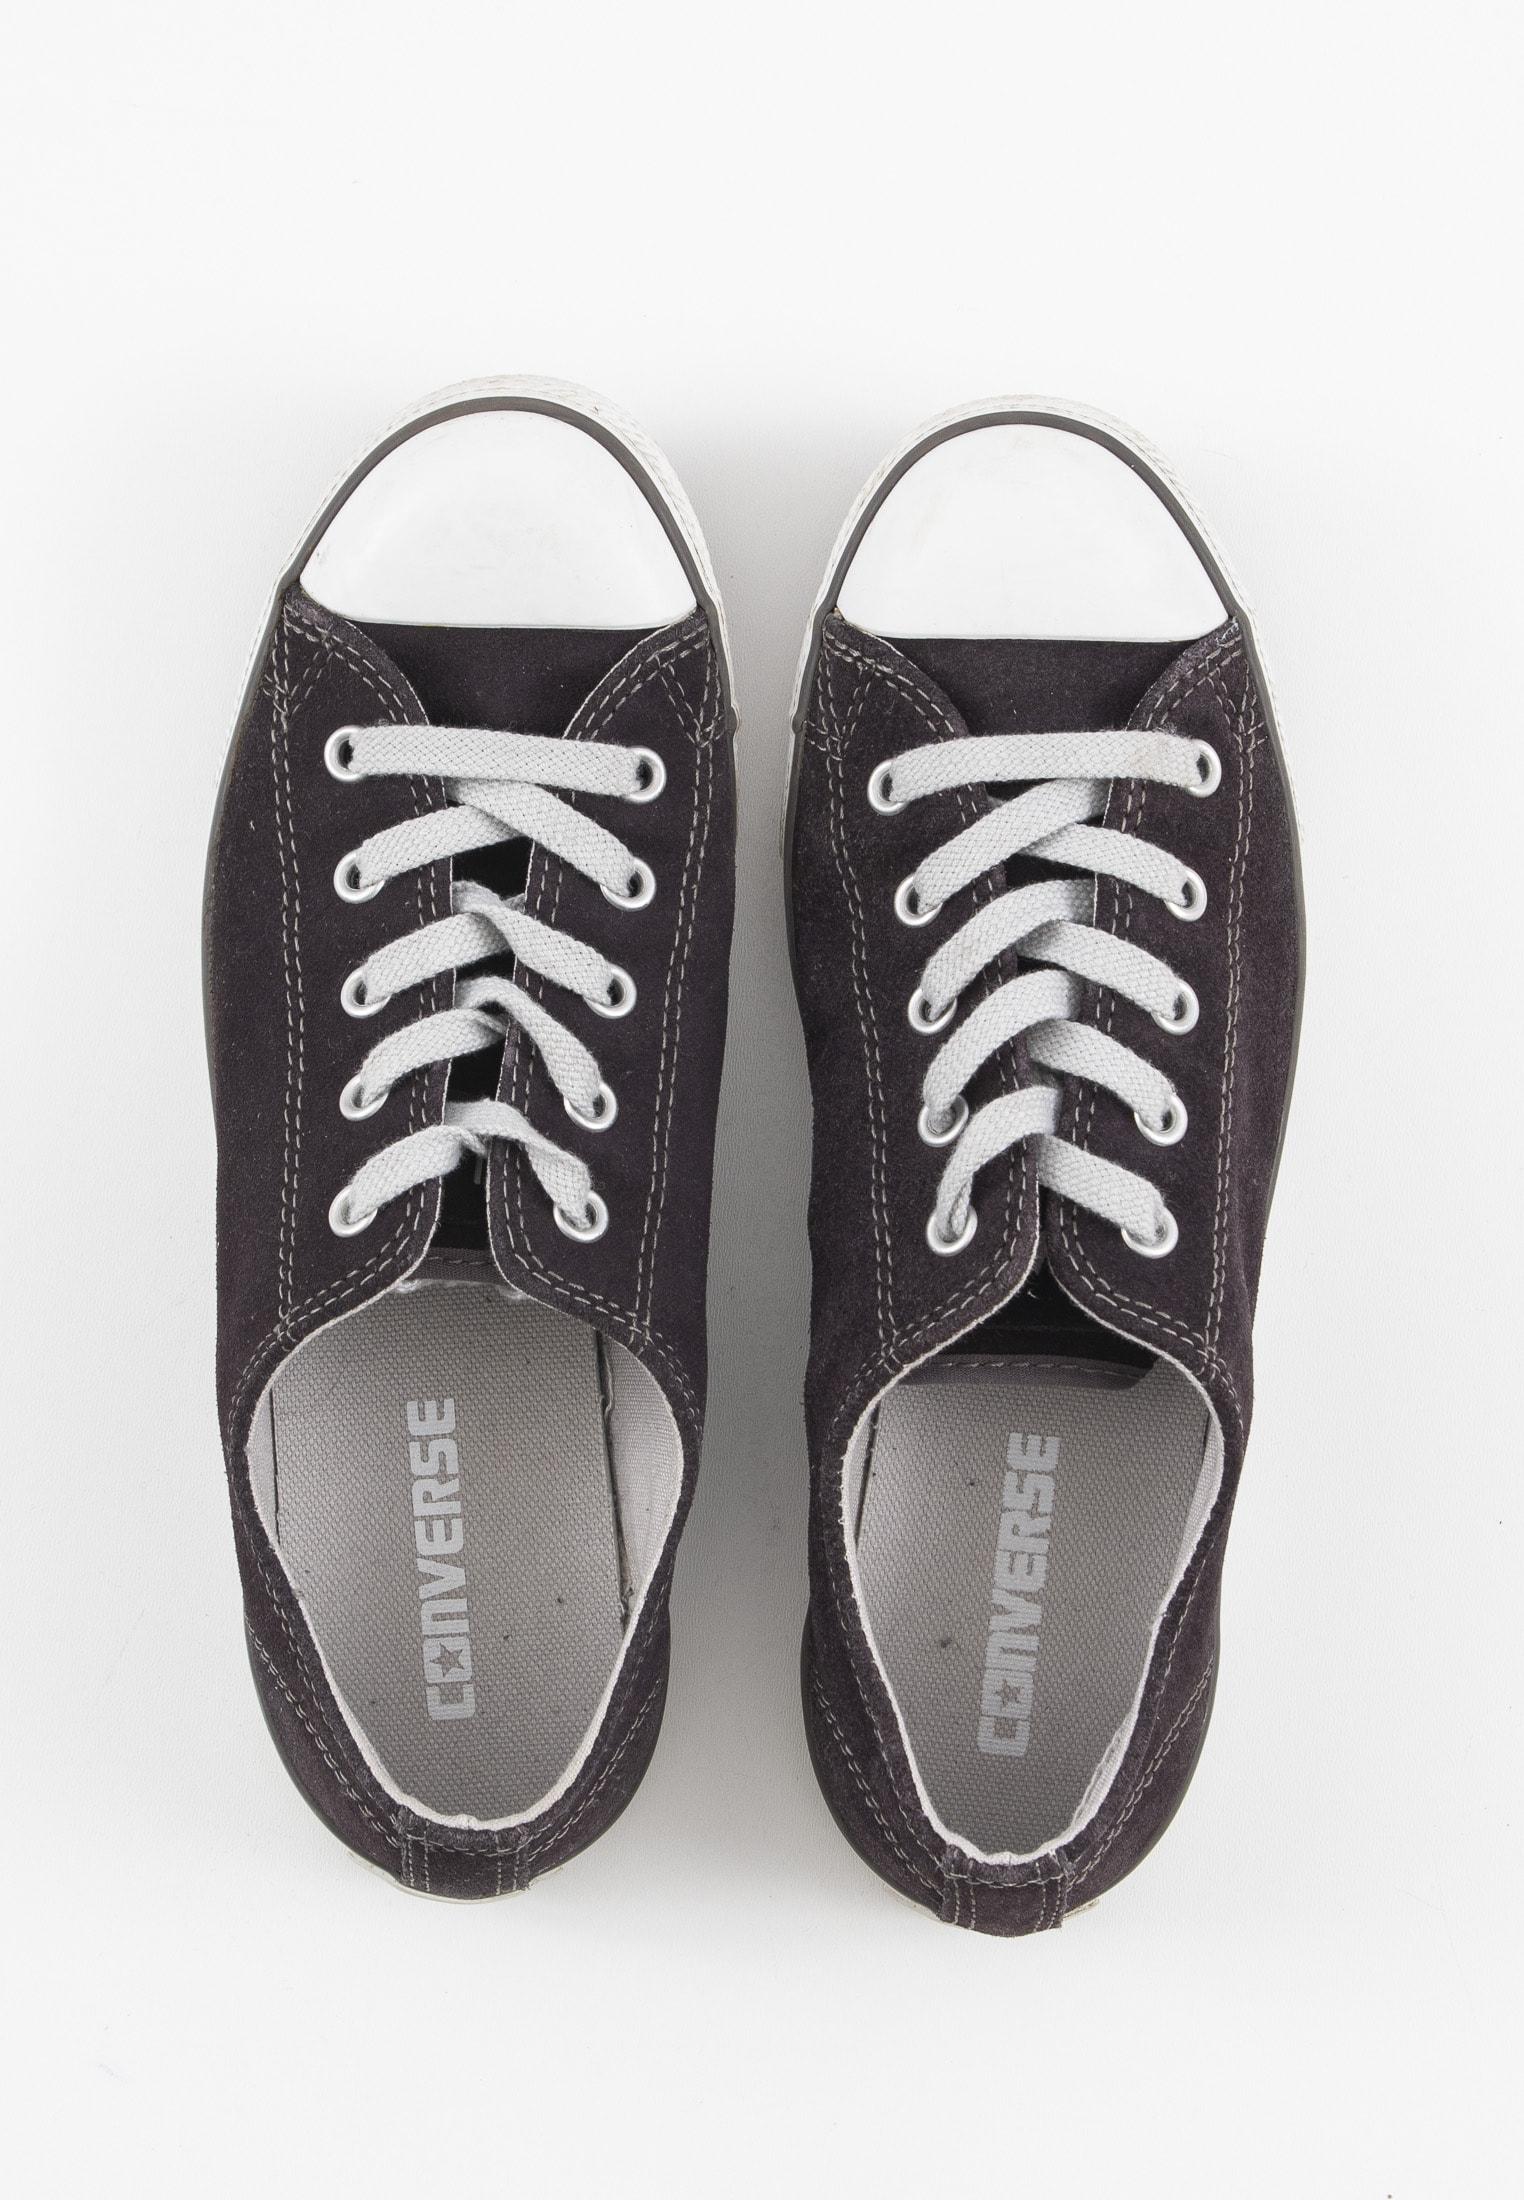 Converse Sneakers Grau Gr.38.5